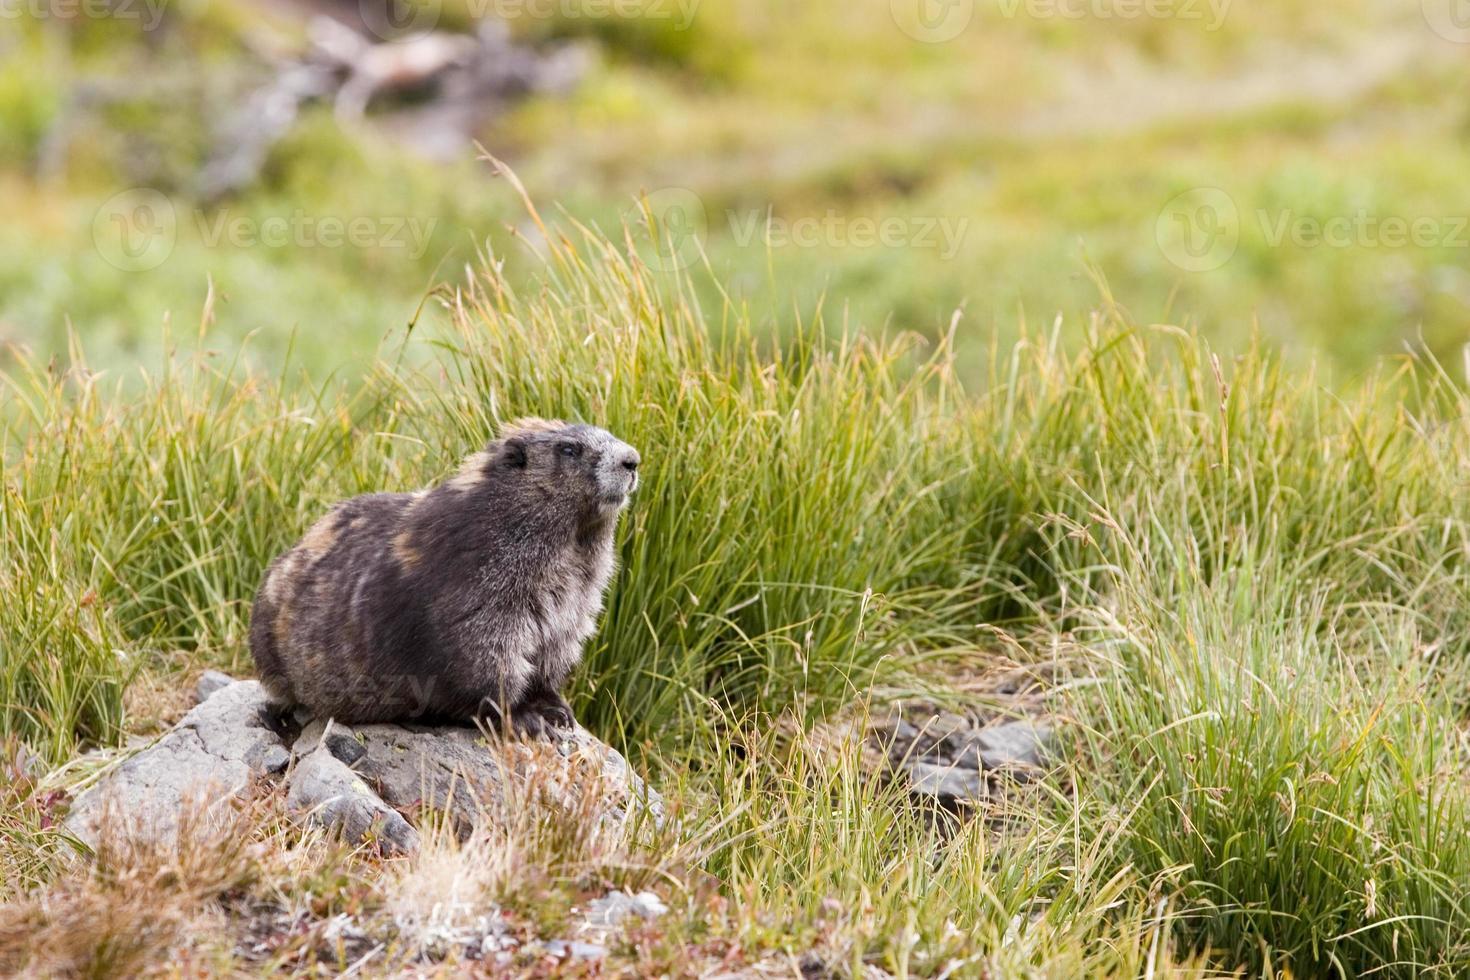 olympisk marmot (marmota olympus) som sitter på en klippa i gräsmark foto